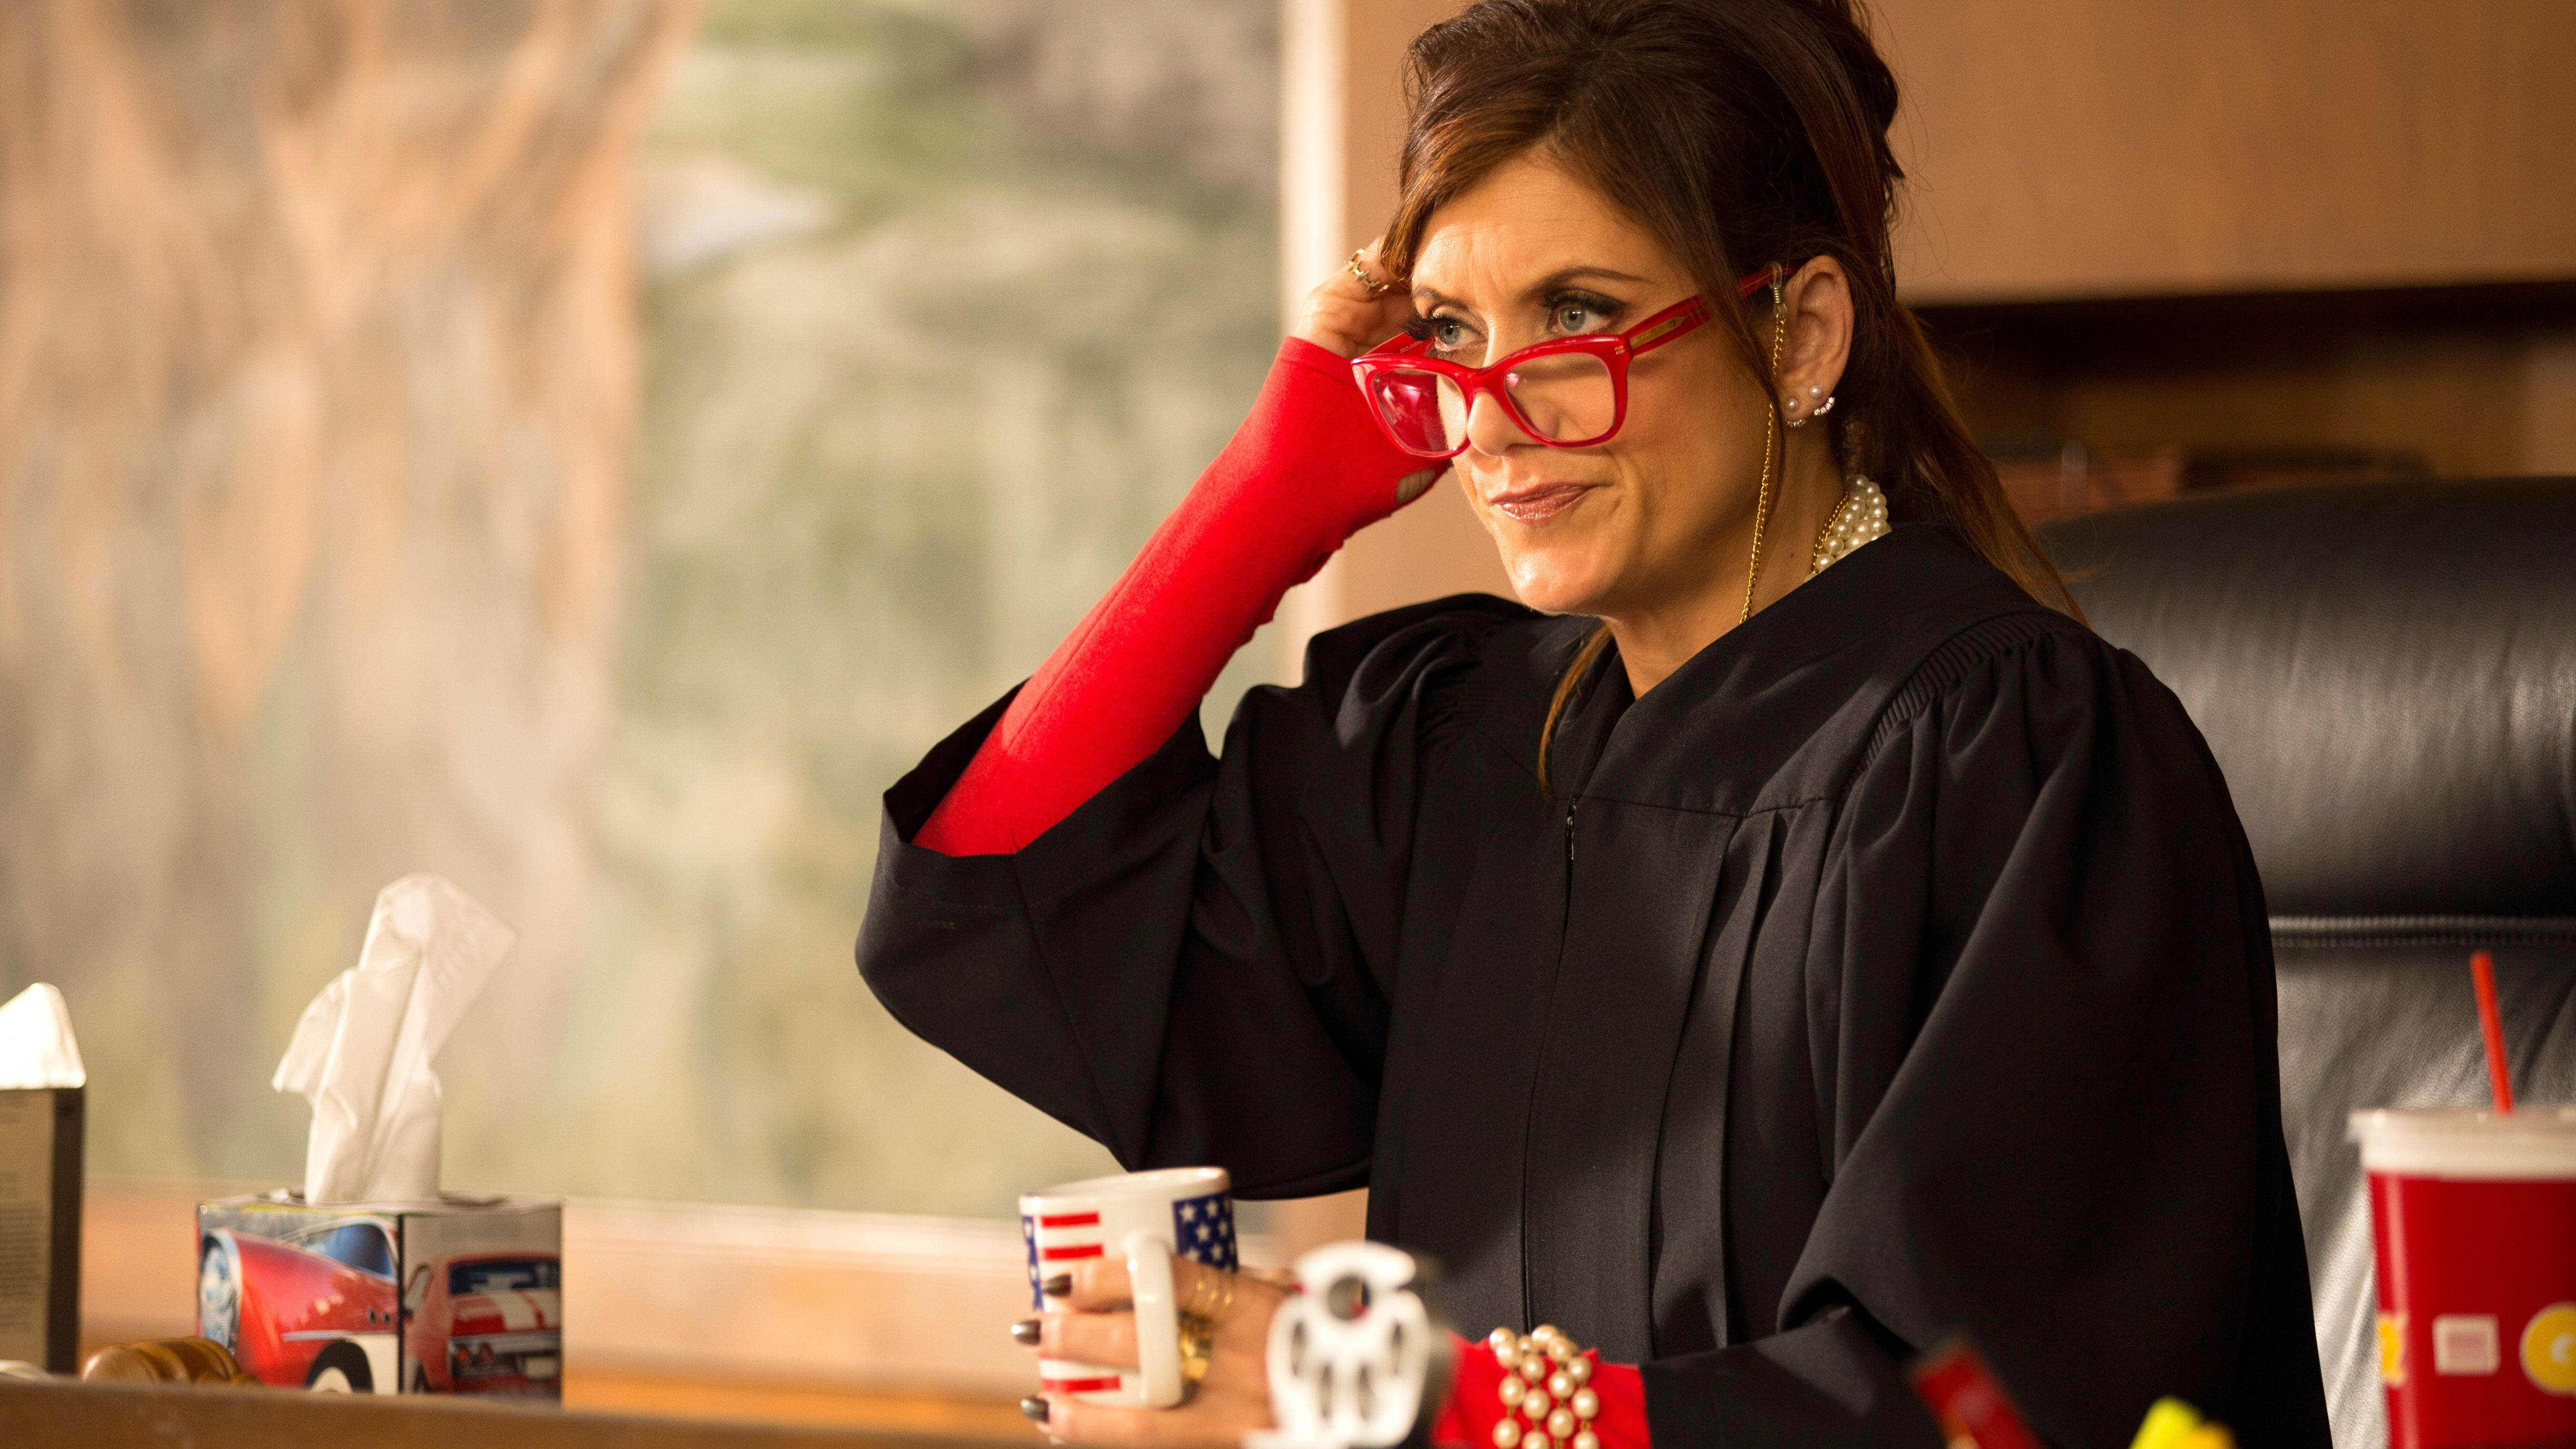 Judge judy episodes newhairstylesformen2014 com